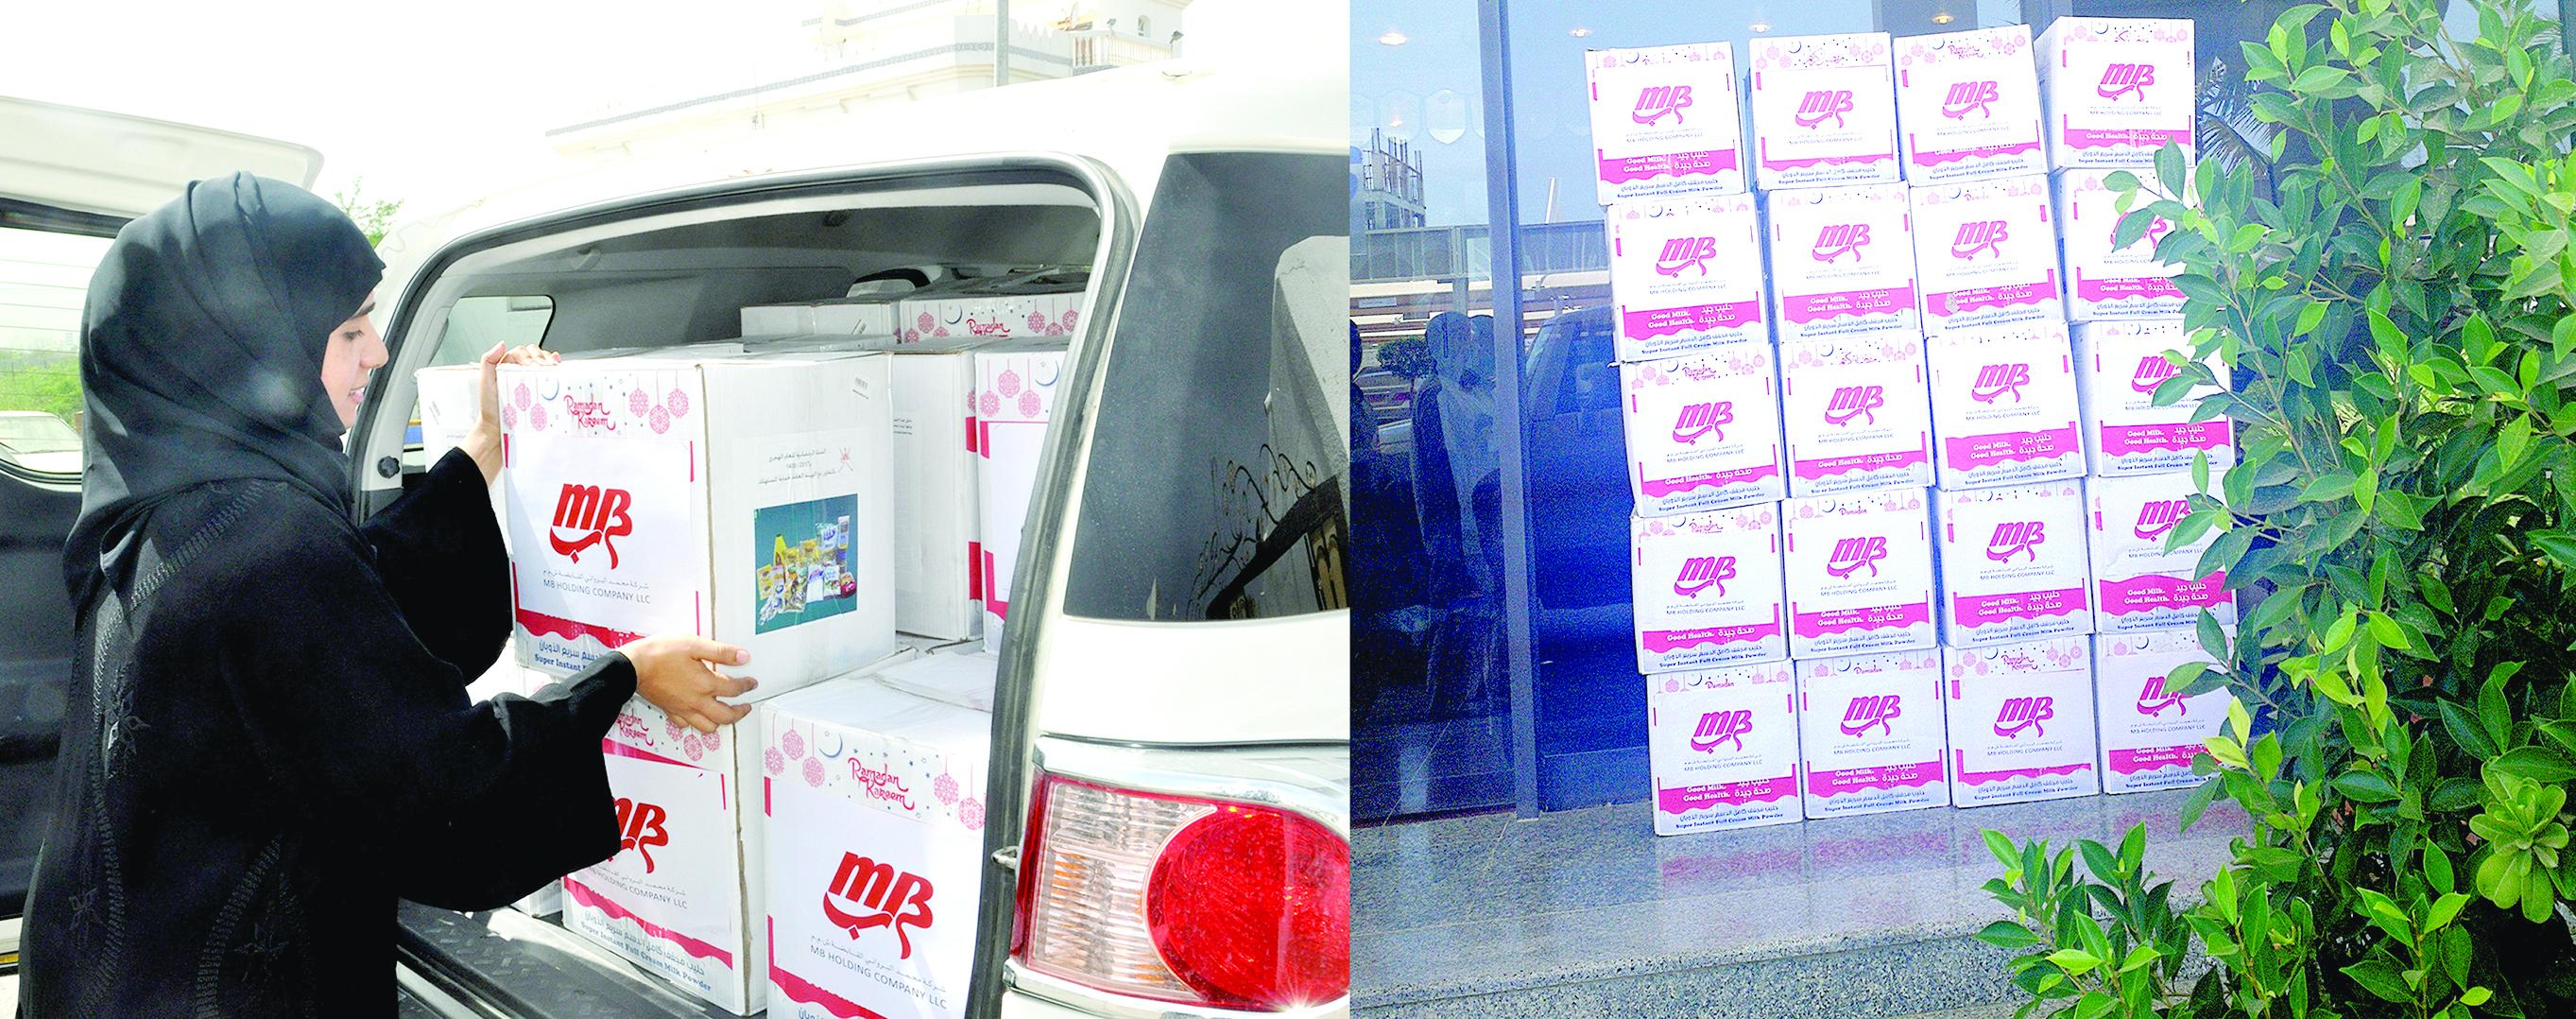 موظفو مجموعة محمد البرواني يطلقون حملة «سحابة خير»